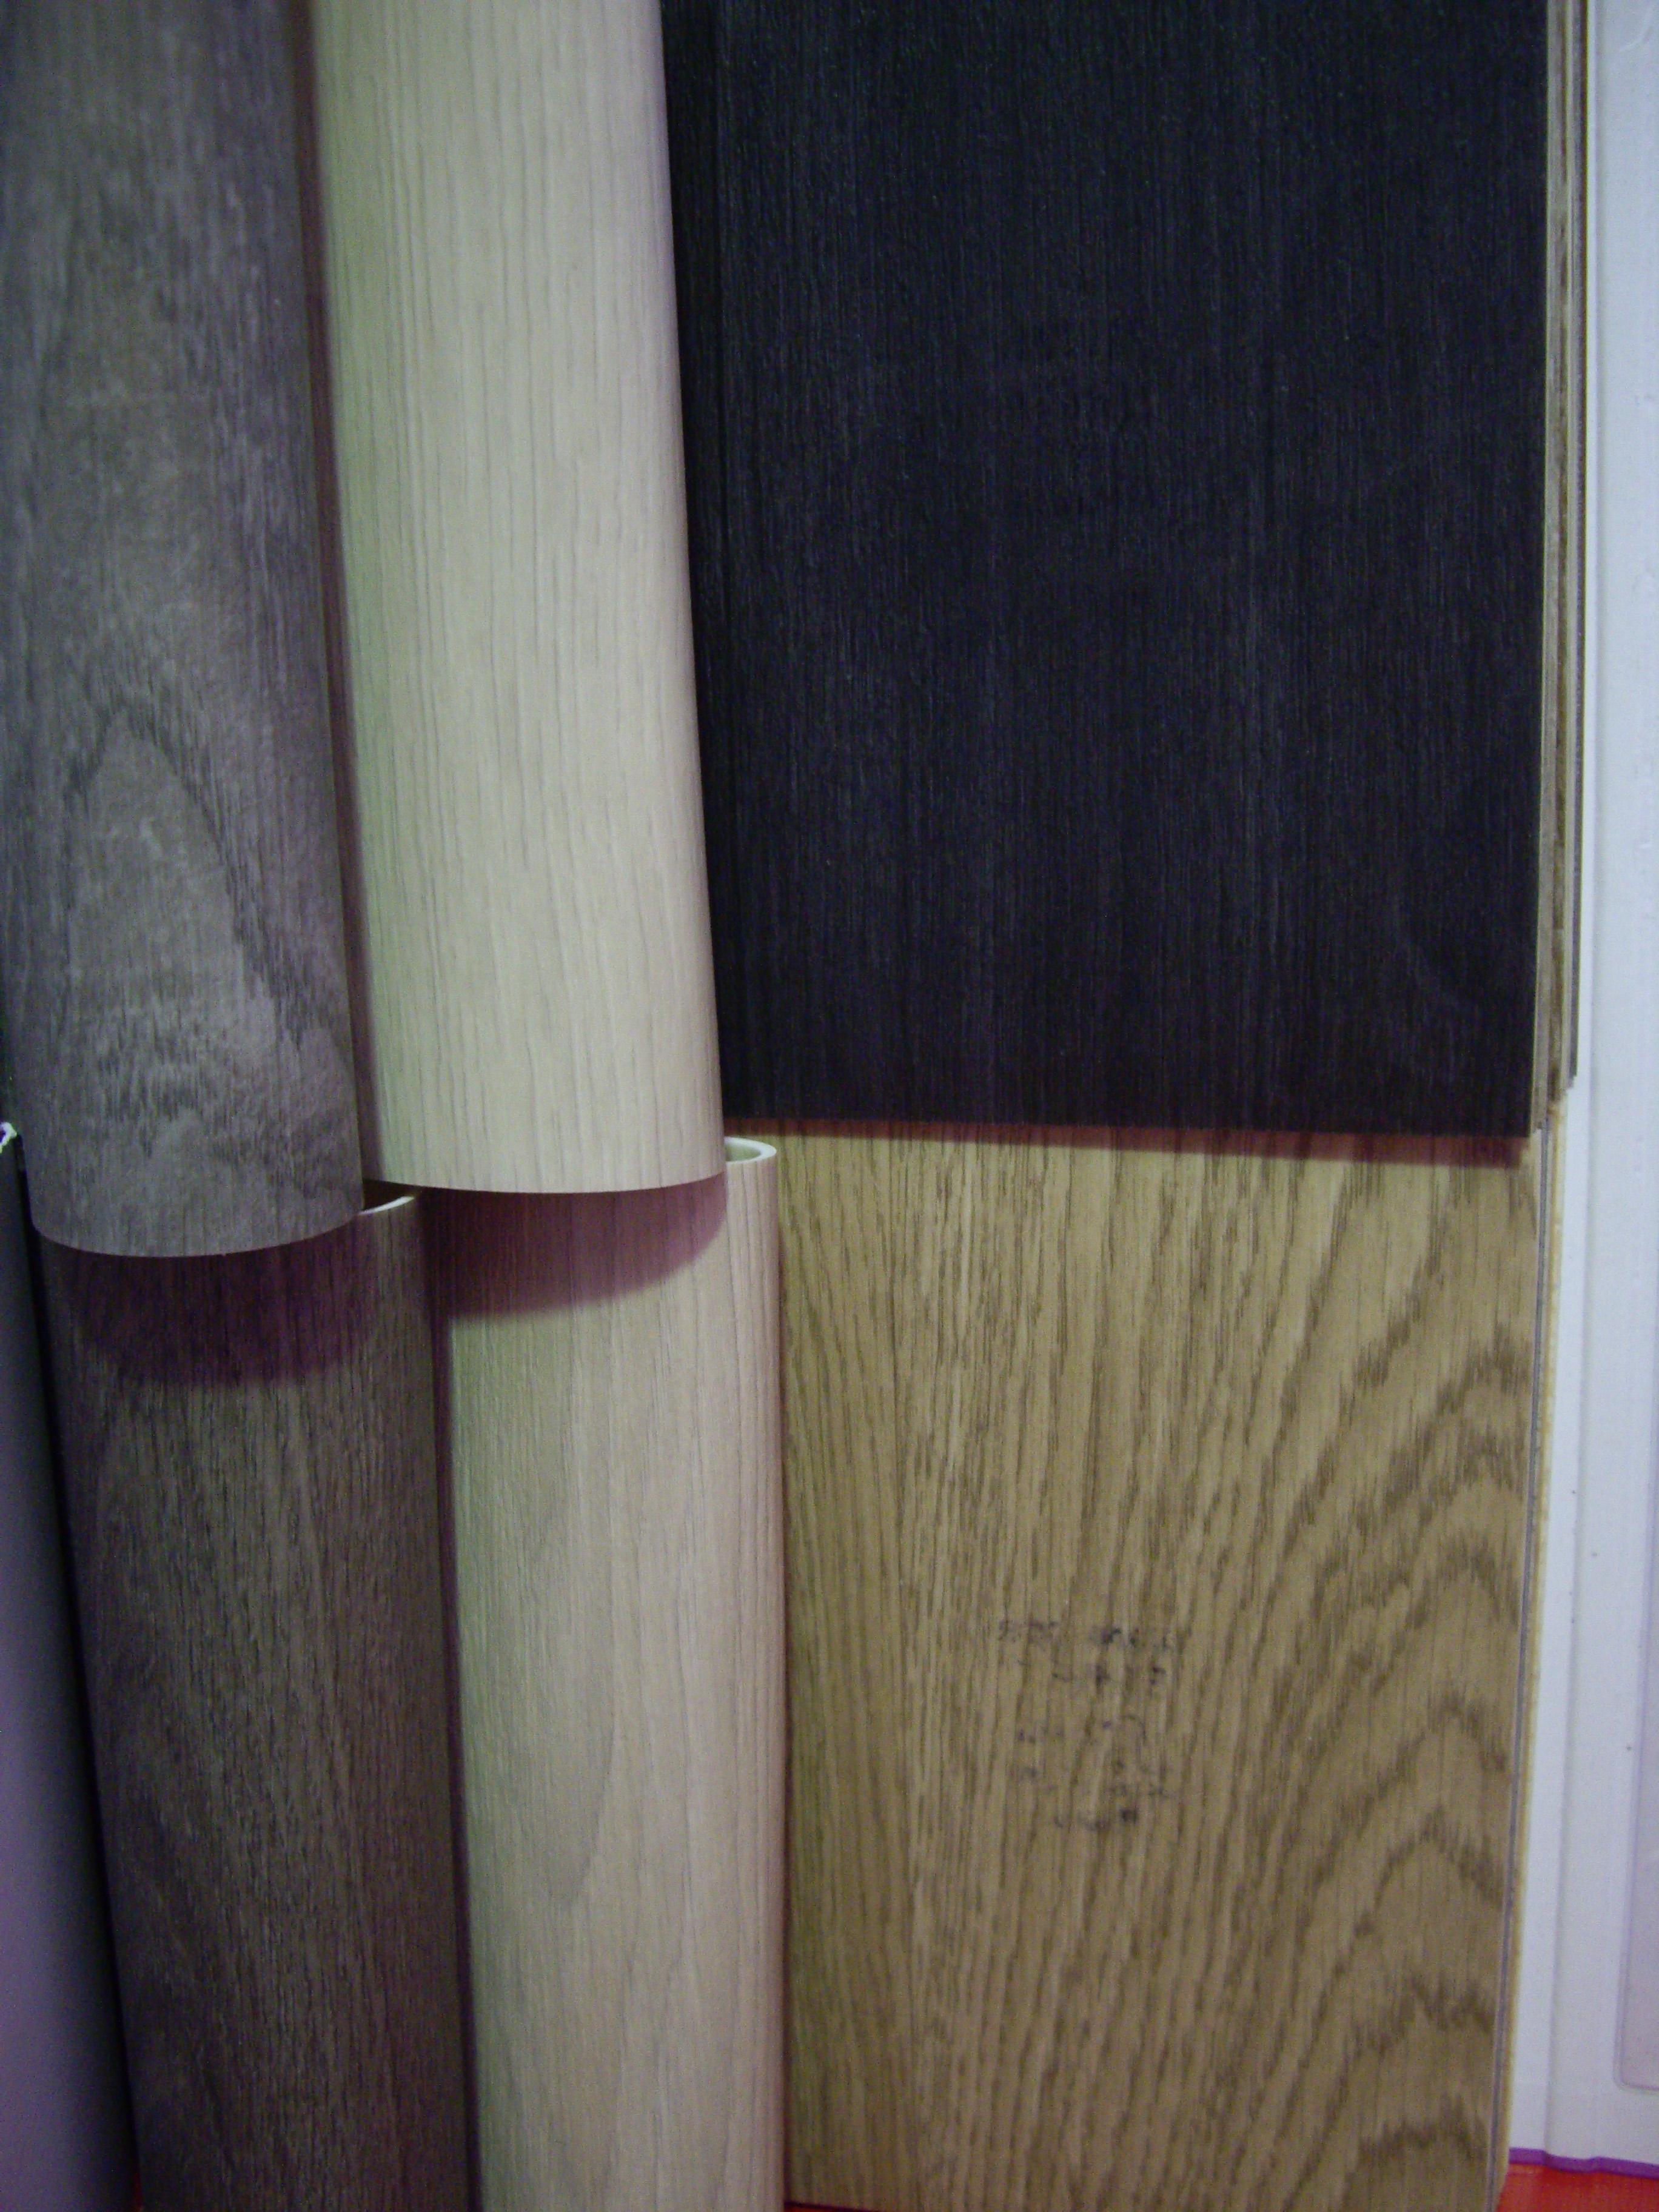 sol pvc effets bois si javais su redon ille et vilaine 35. Black Bedroom Furniture Sets. Home Design Ideas